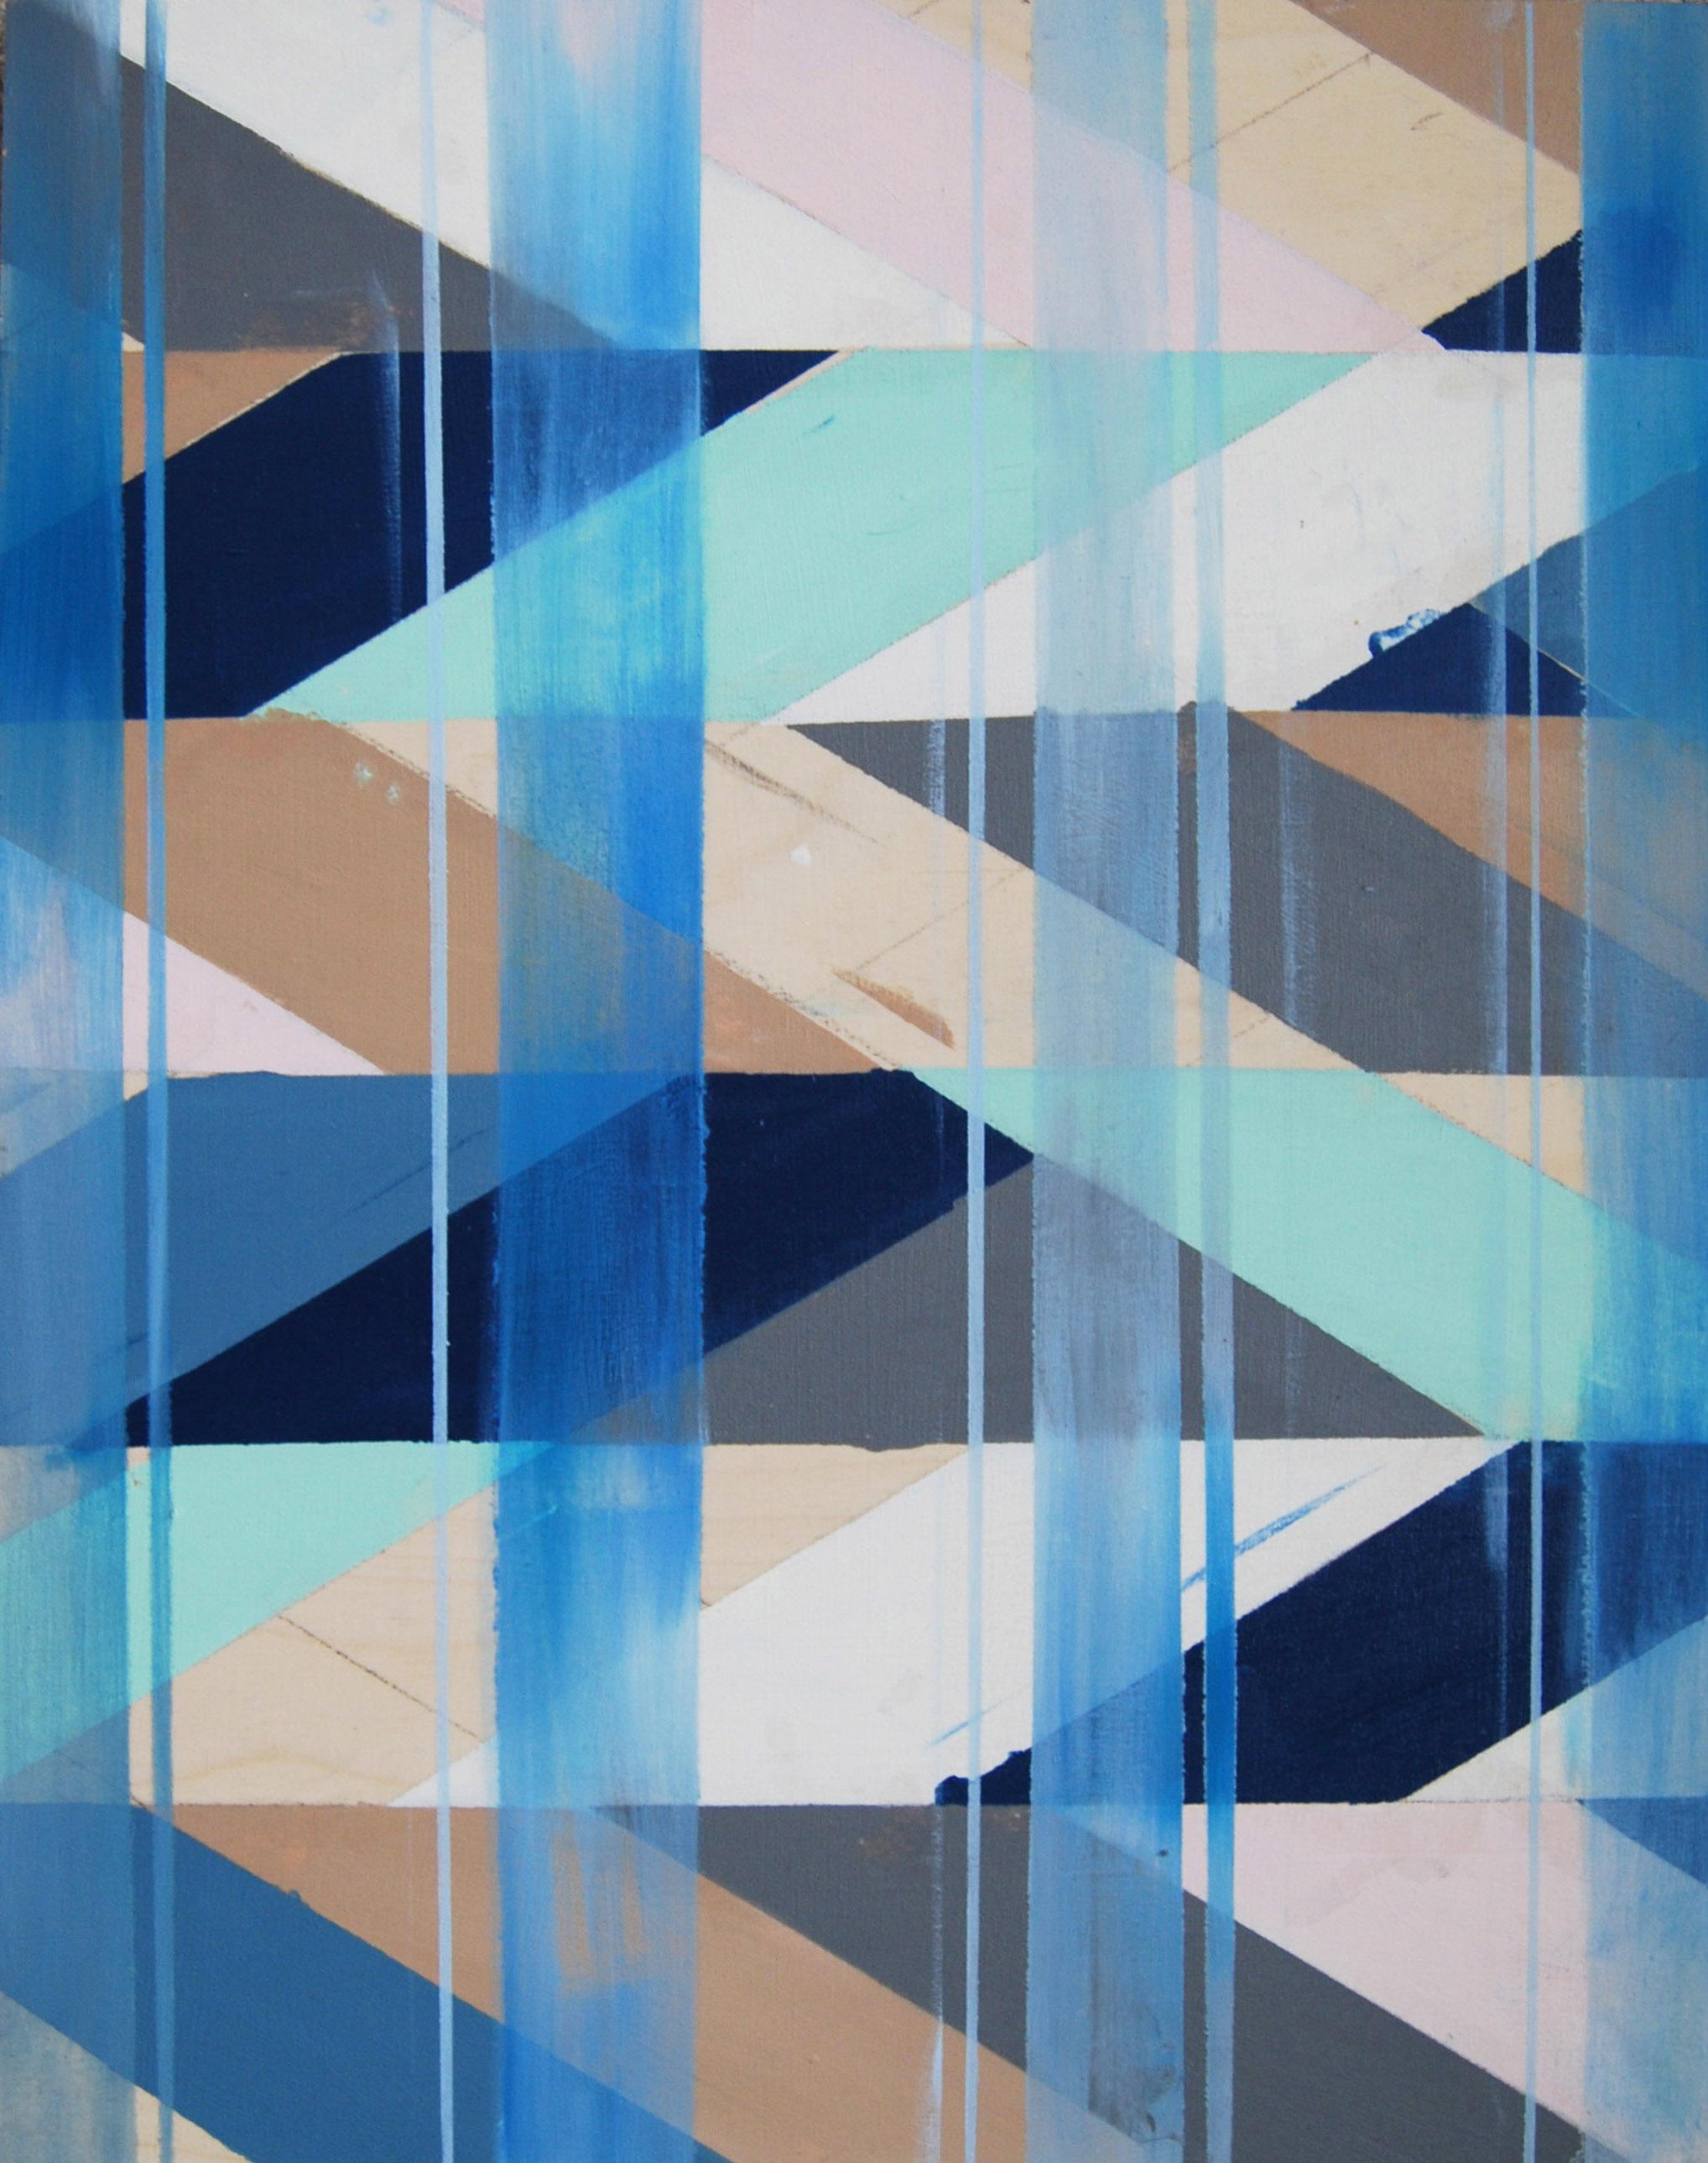 Ocean II , oil on board, 12x18, 2012, $450